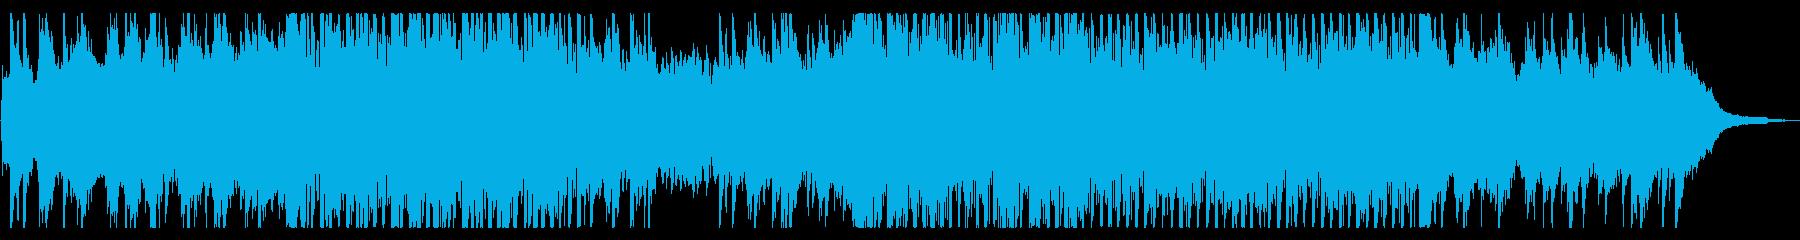 ピアノとバイオリンのアンビエントの再生済みの波形